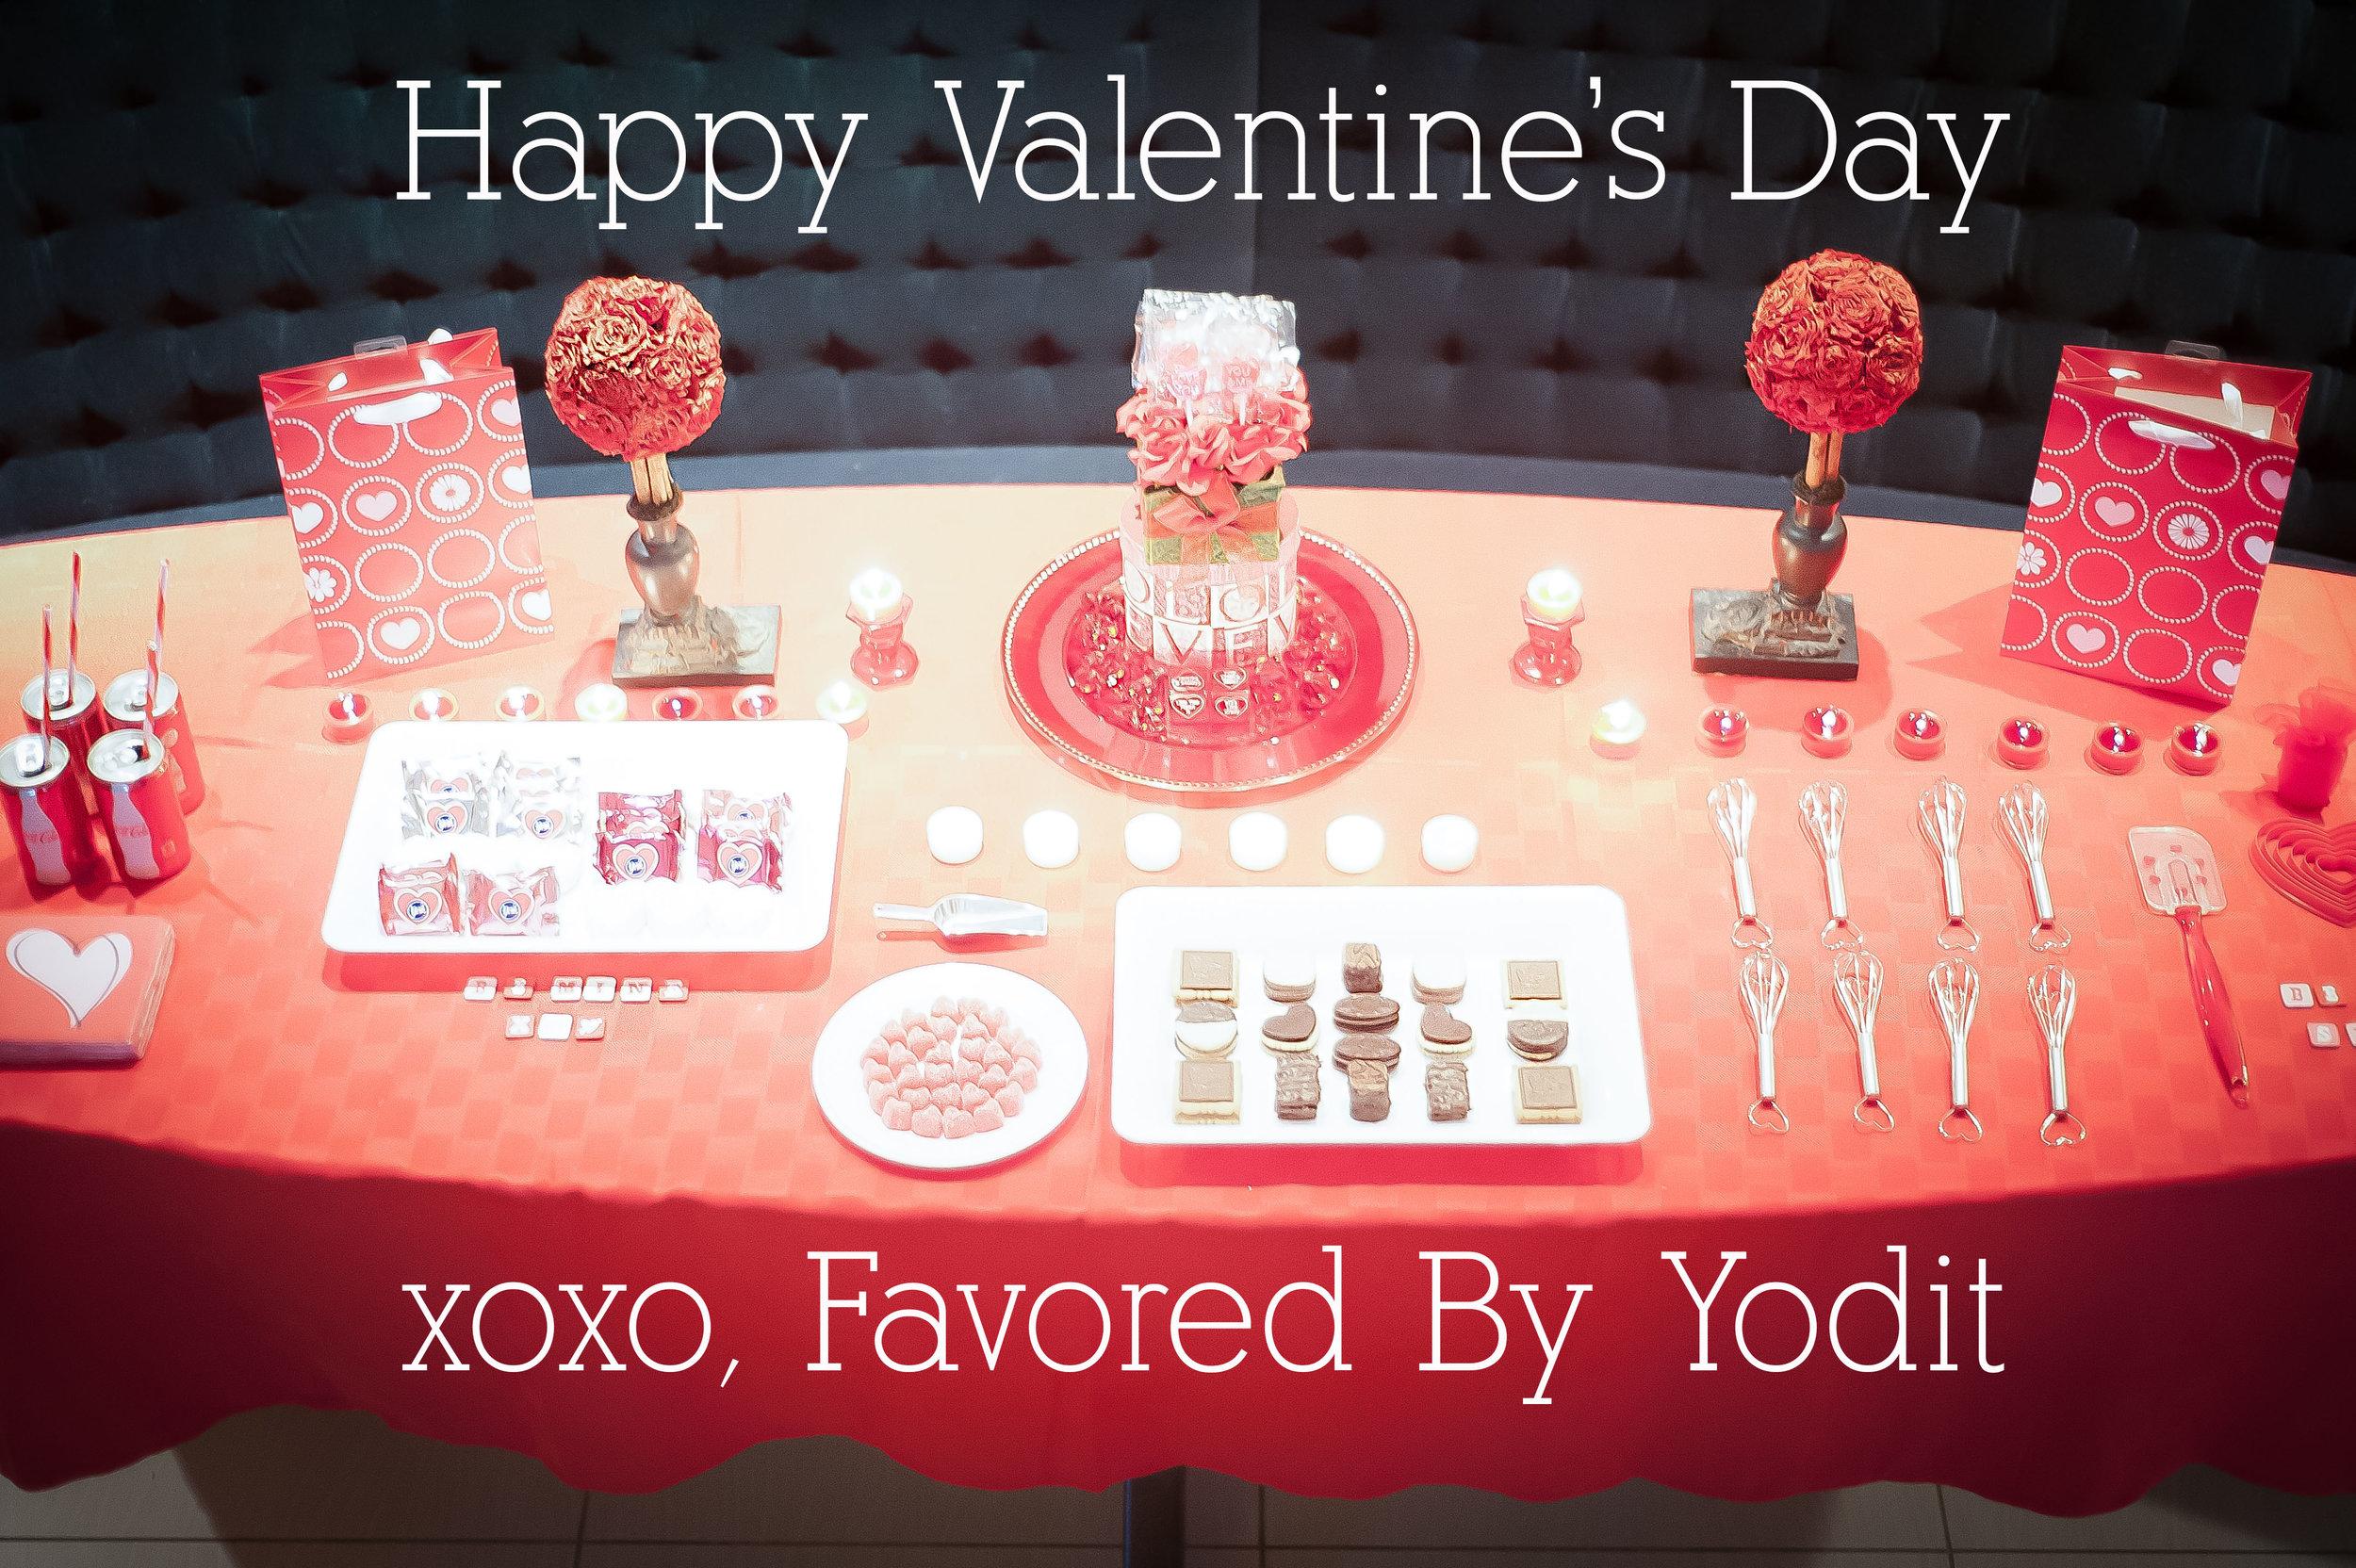 Happy Vday FavoredByYodit